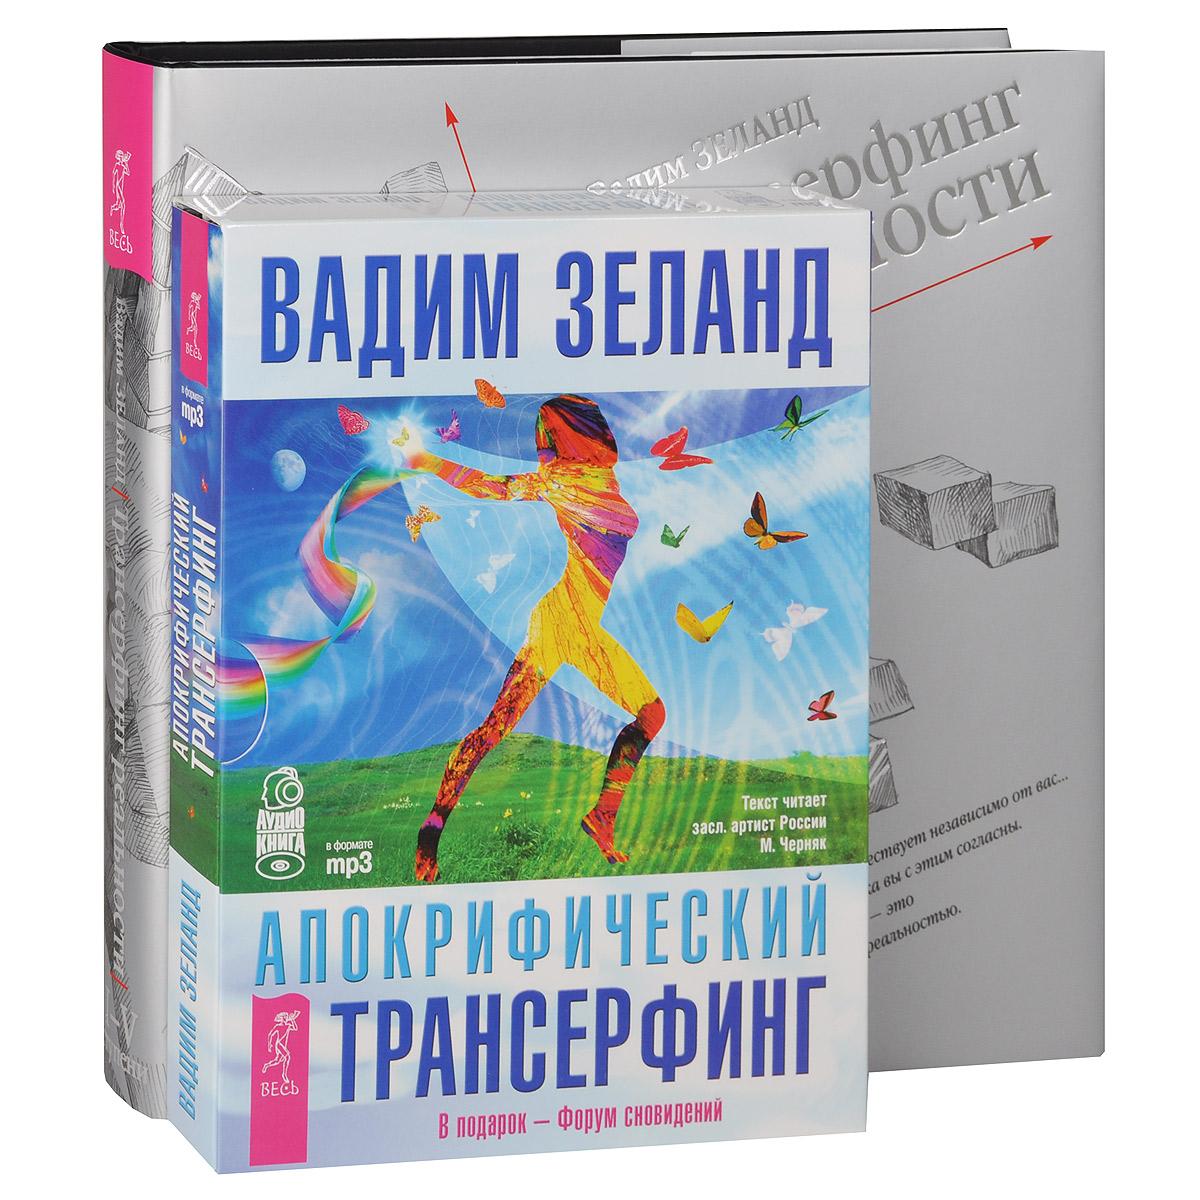 Вадим Зеланд Трансерфинг реальности. 1-5 ступени (+ аудиокнига